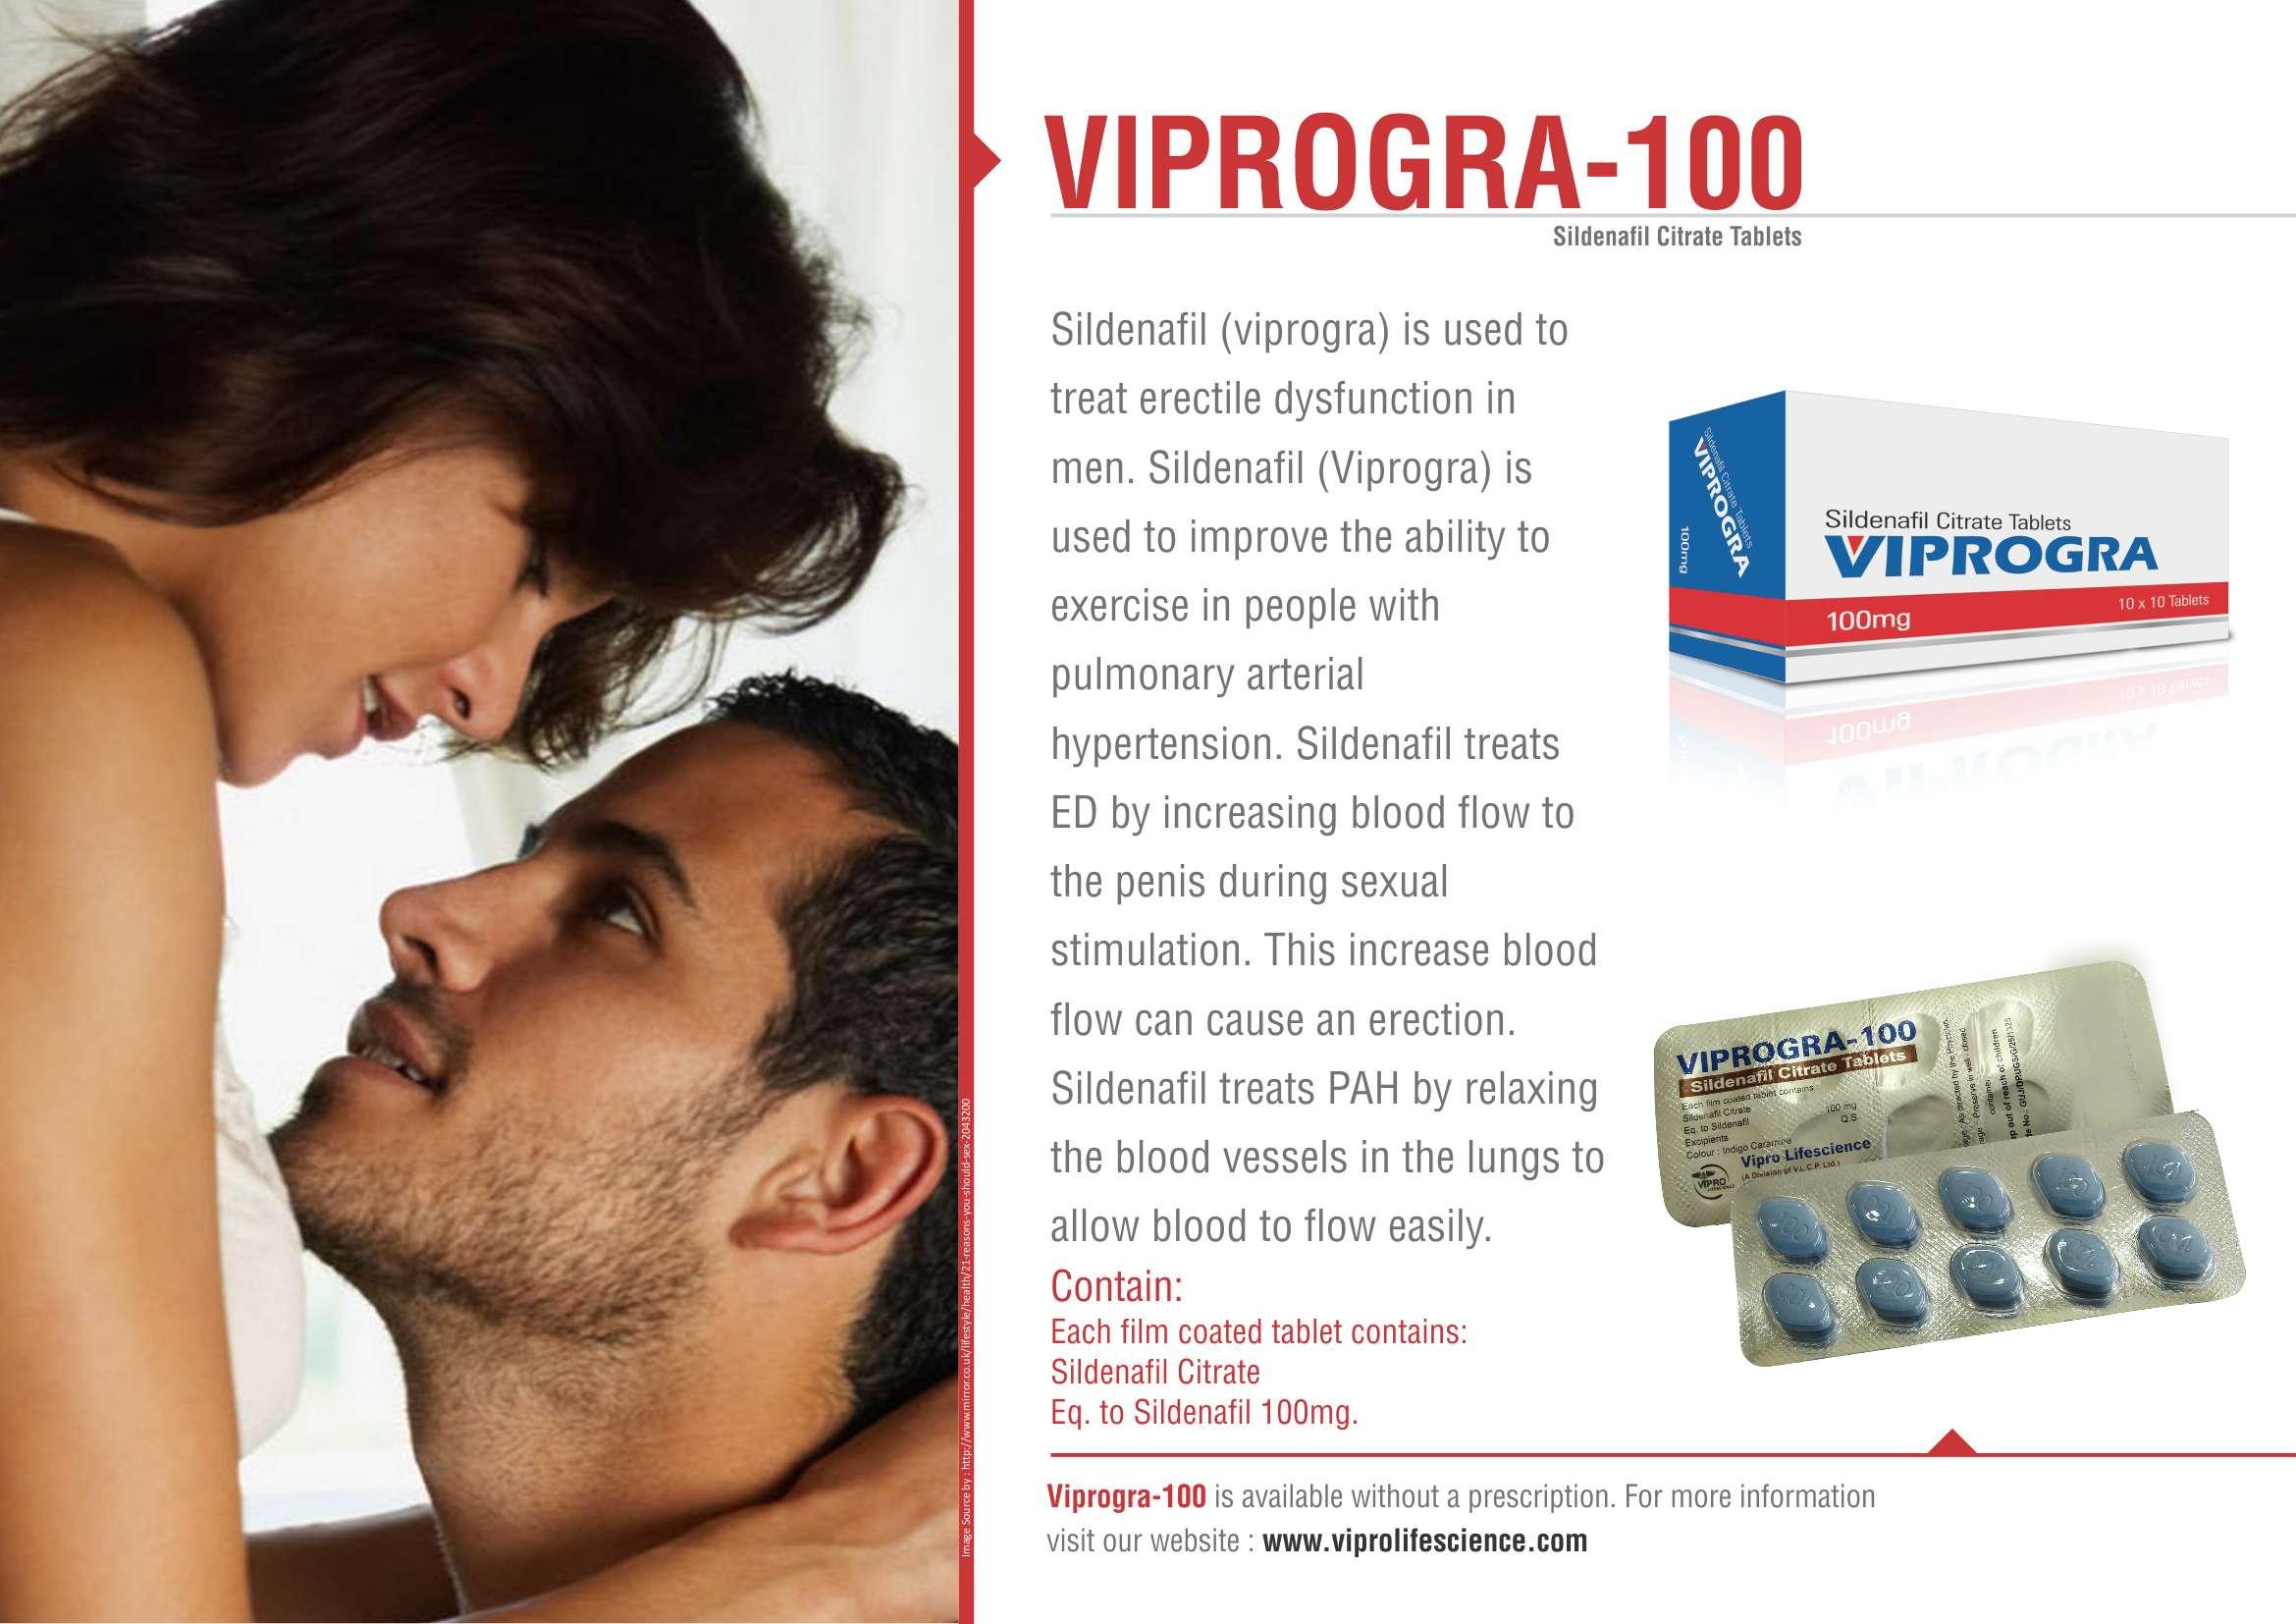 Viprogra 100